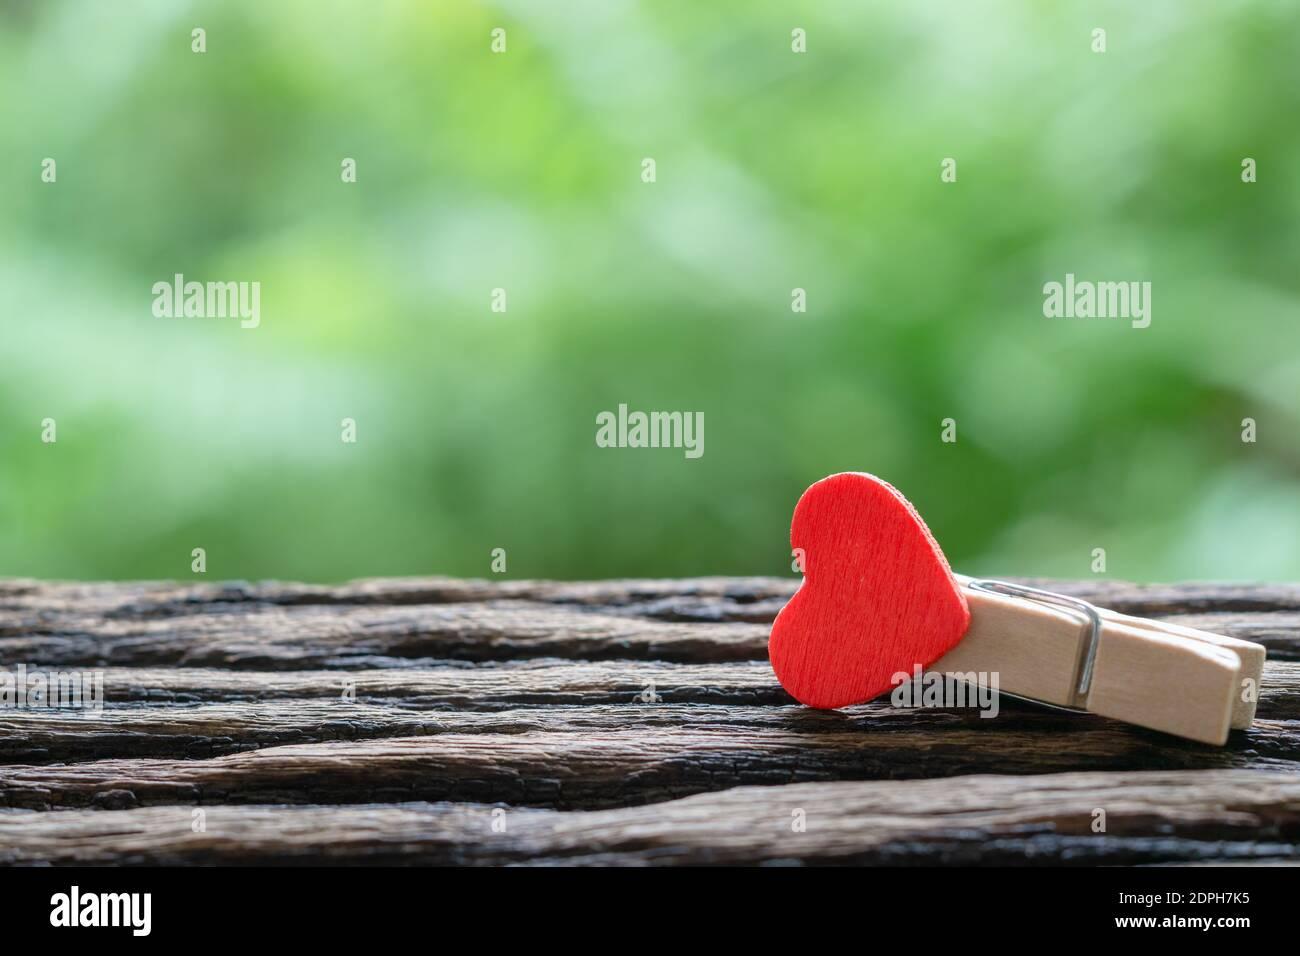 Primo piano fuoco selettivo delle clip di carta di legno di cuore rosso con sfondo verde della natura e spazio di copia. Ideale per giorno di San Valentino, Amore e concetto di relazione. Foto Stock